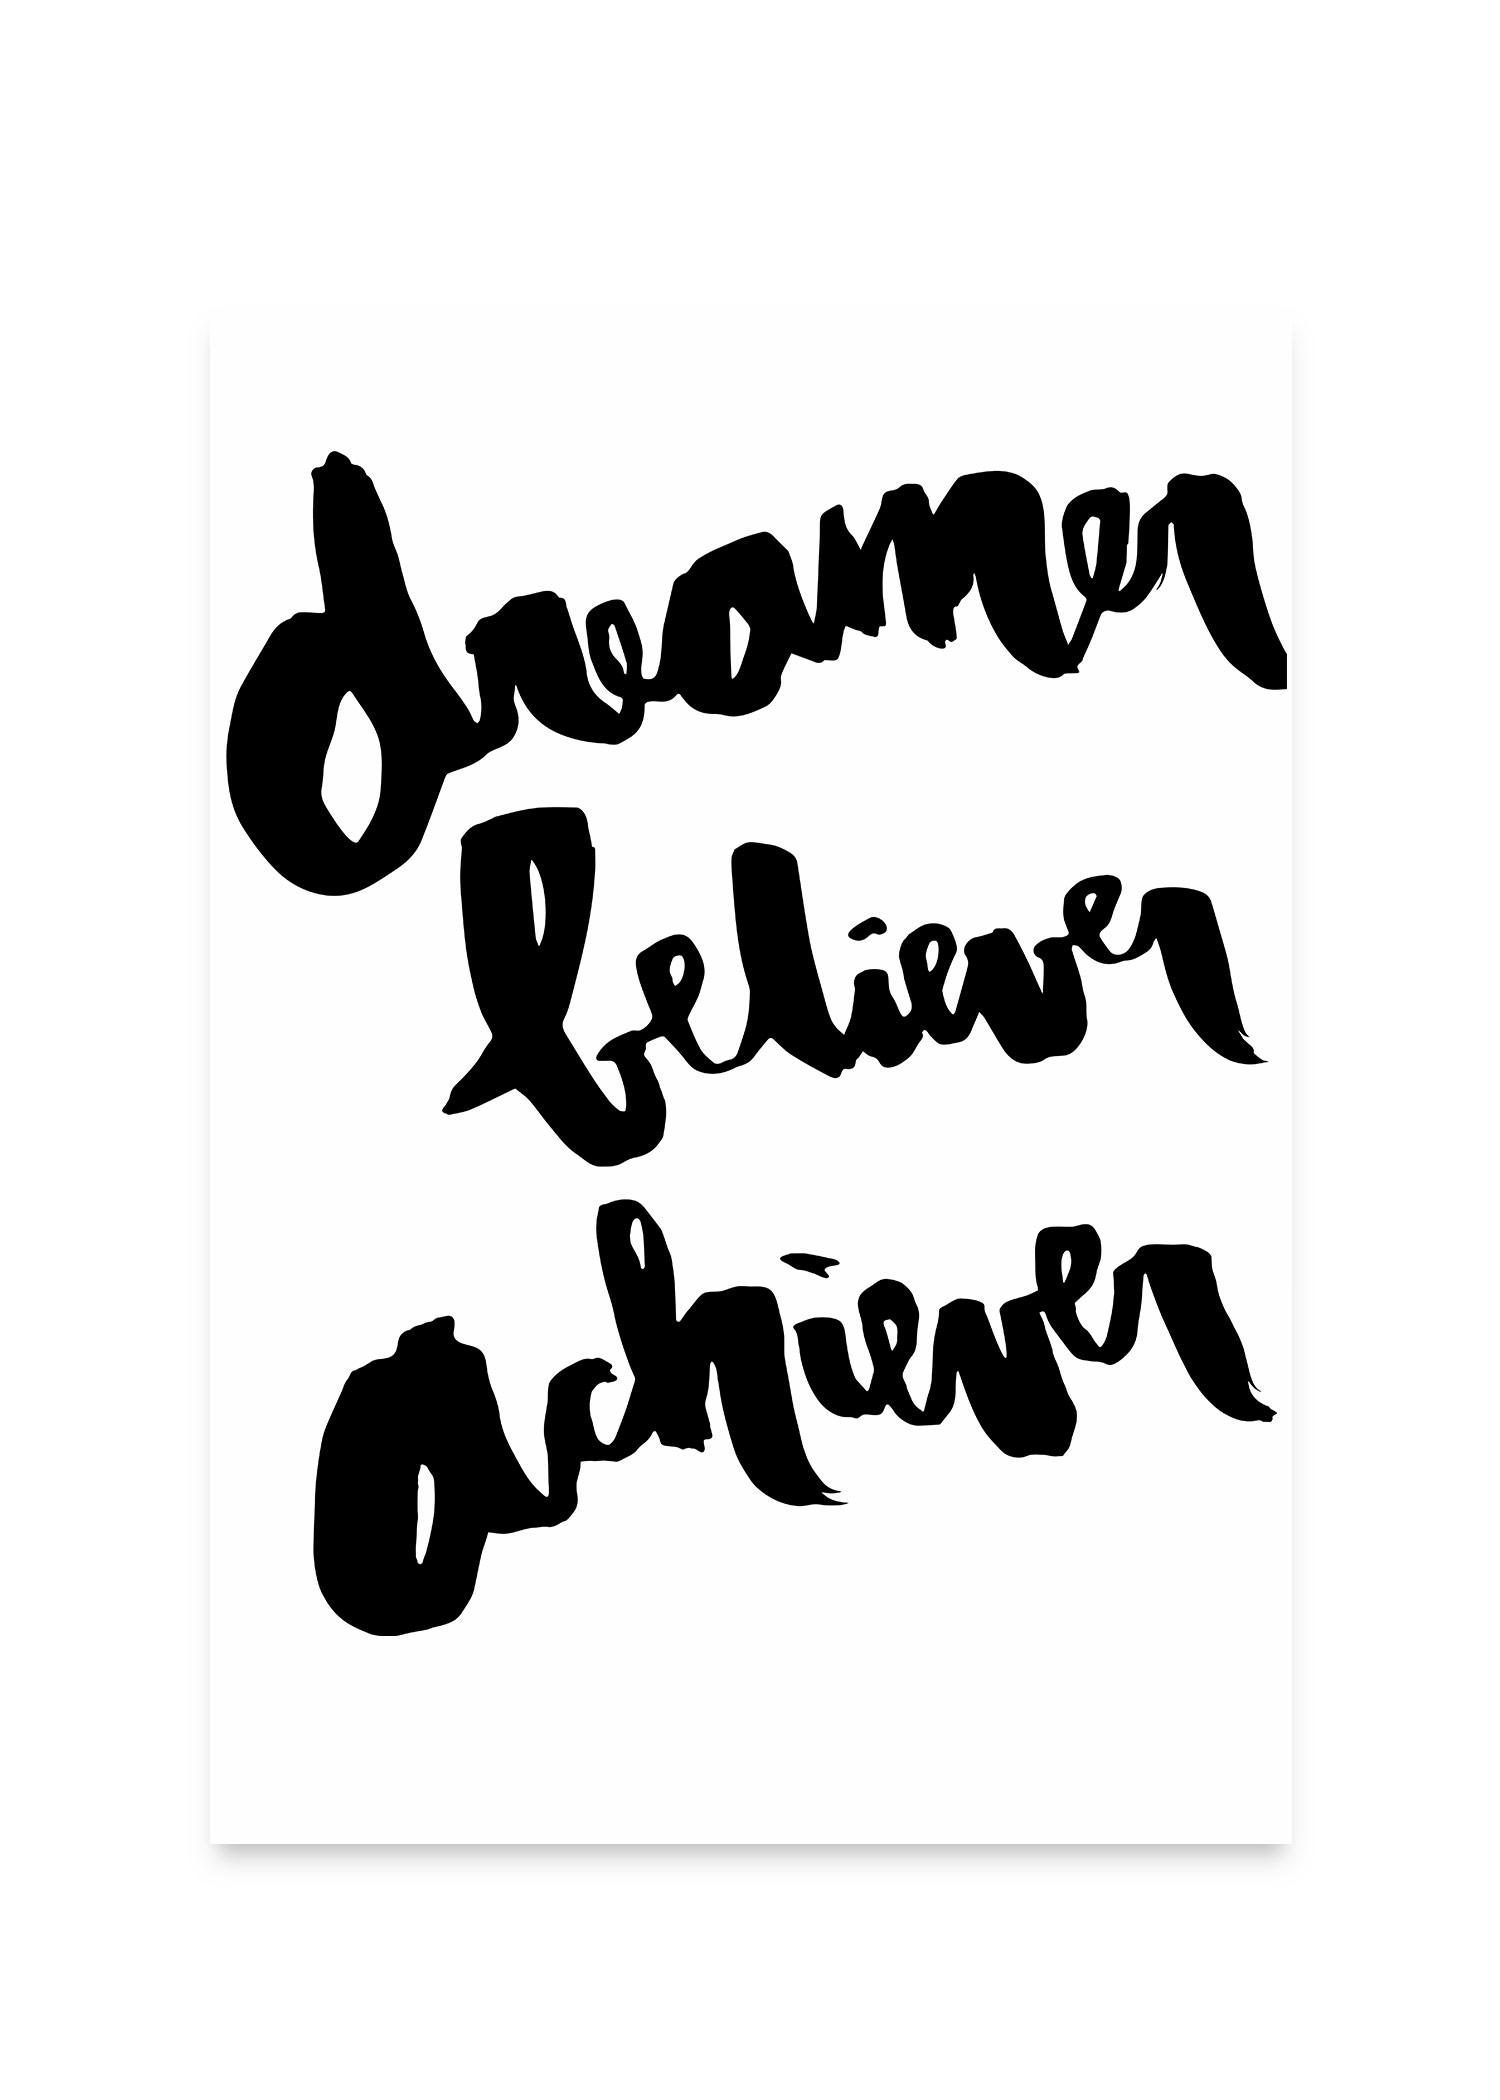 dreamer_beliver_achiver_brez